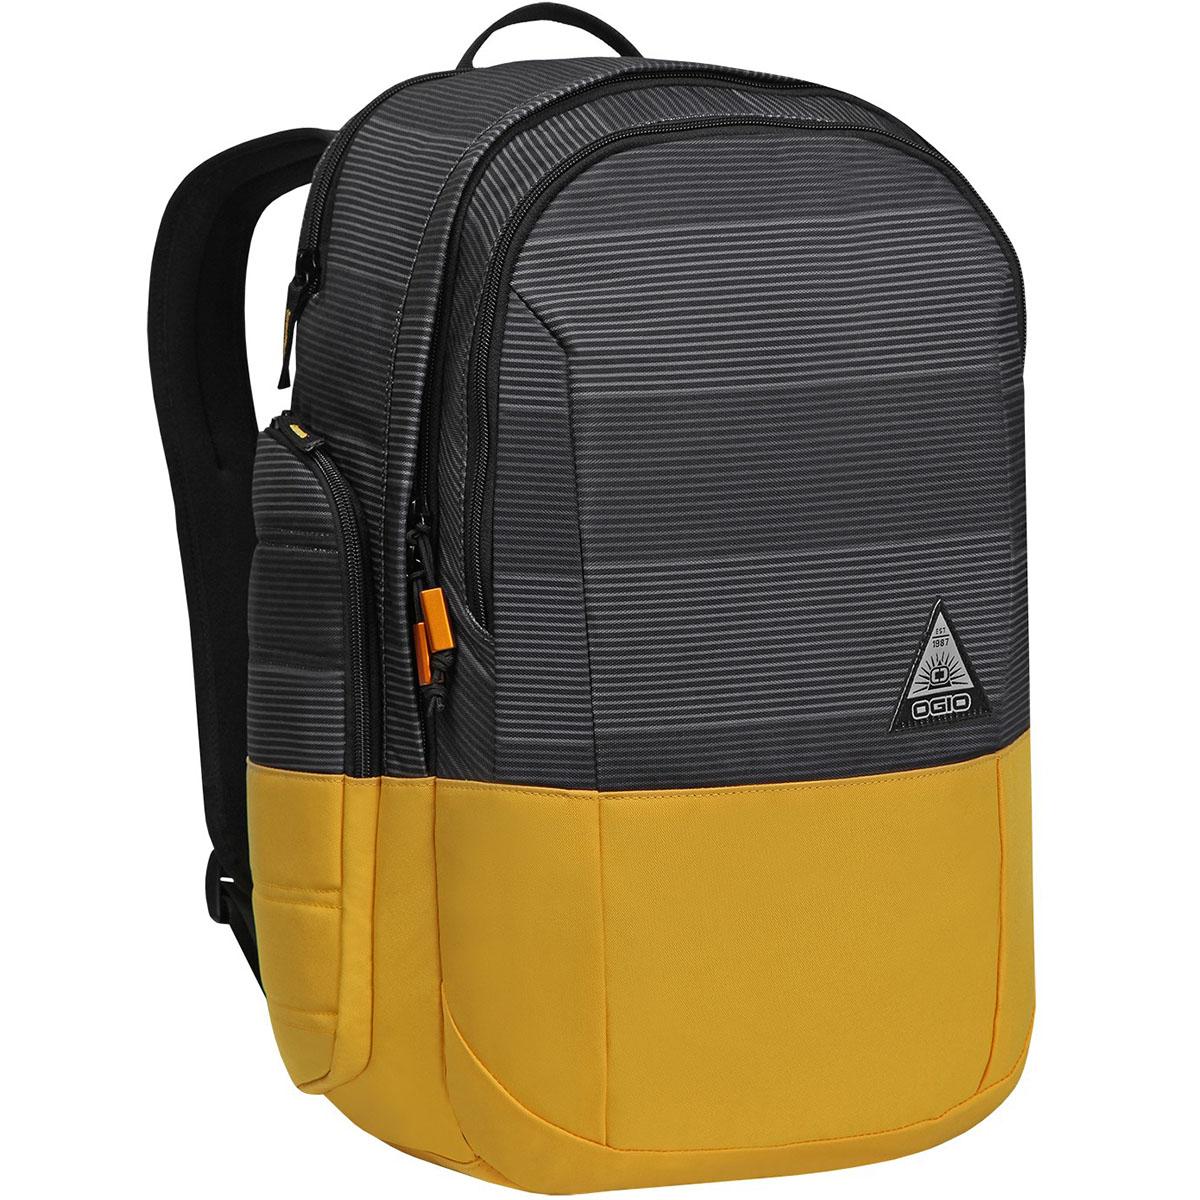 Рюкзак городской OGIO Urban. Clark Pack (A/S), цвет: горчичный, серый. 031652227002Z90 blackСтильный и в то же время функциональный рюкзак от Ogio. Имеются специализированные отсеки для ноутбука и планшета, которые позволят Вам не переживать за сохранность техники. Большое основное отделение вместит все необходимые вещи, а внешние боковые карманы на молнии помогут всегда держать необходимые аксессуары поблизости.